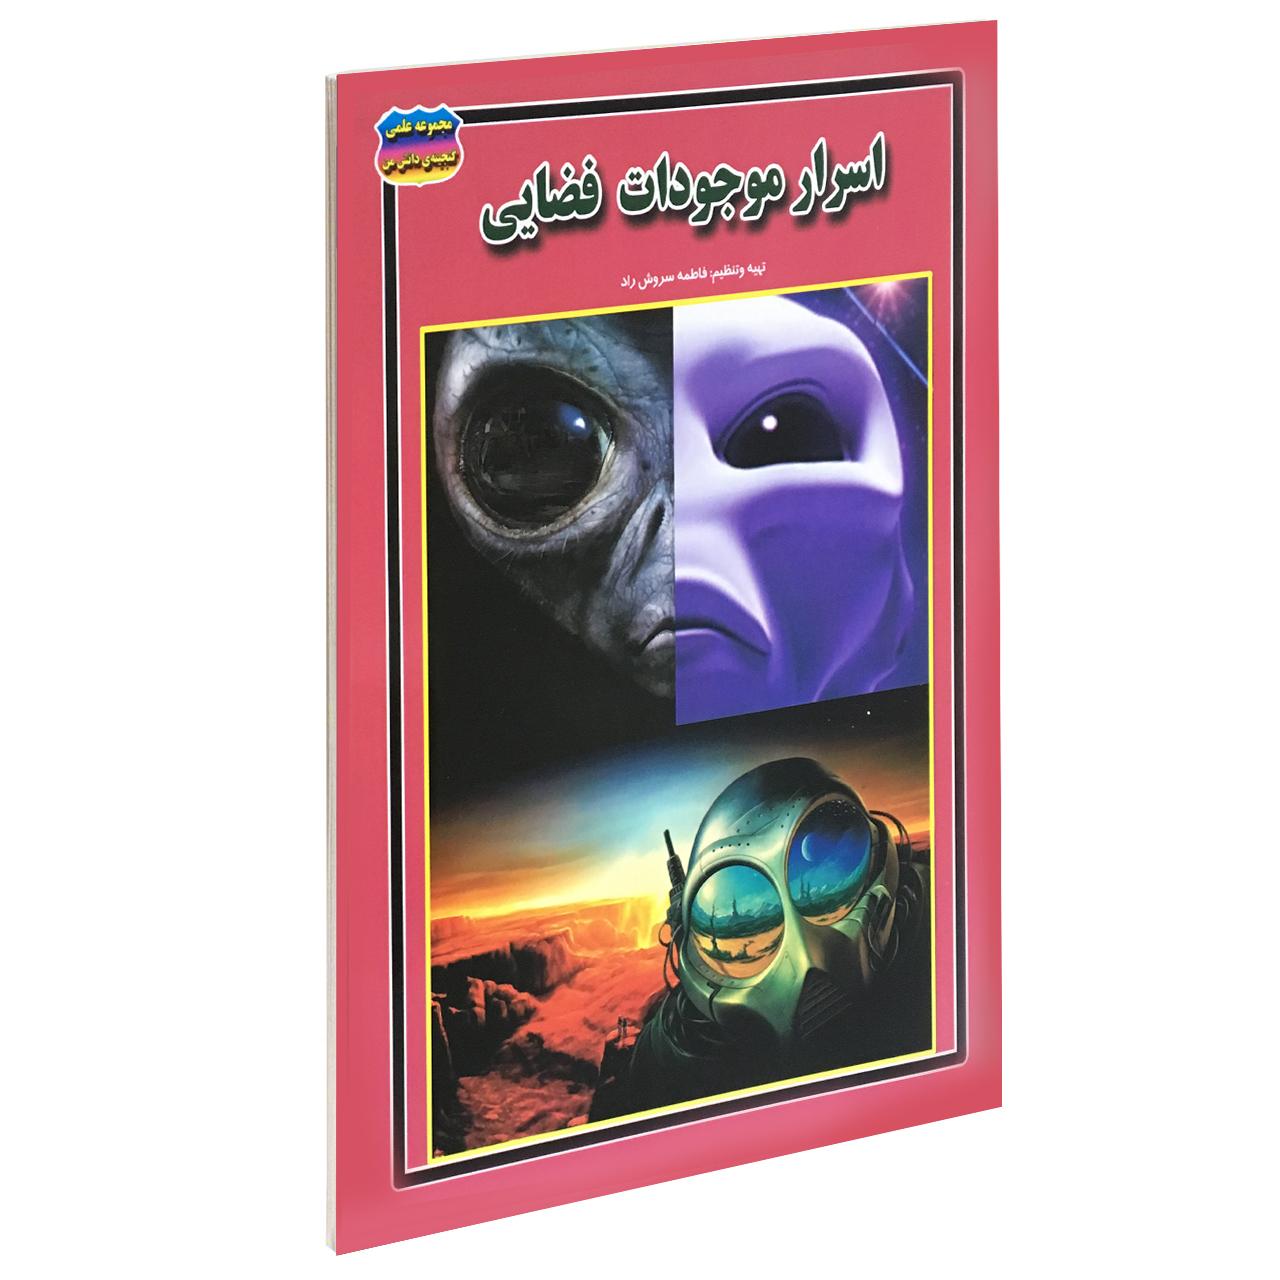 خرید                      کتاب اسرار موجودات فضایی اثر فاطمه سروش راد انتشارات حباب